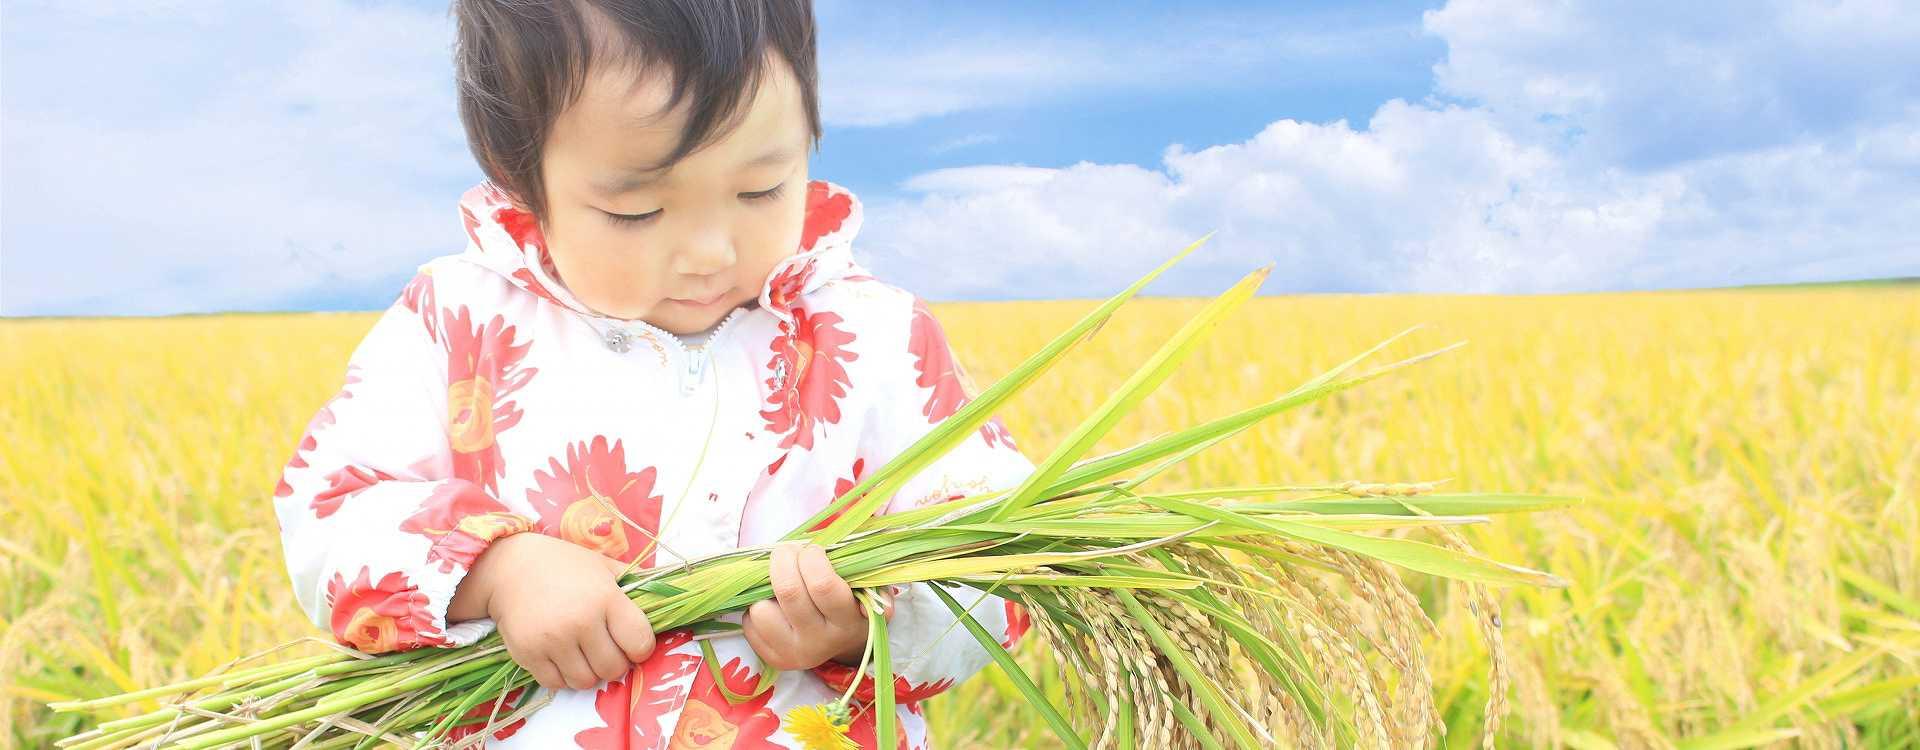 みんなが安心して食べられるお米を作ります